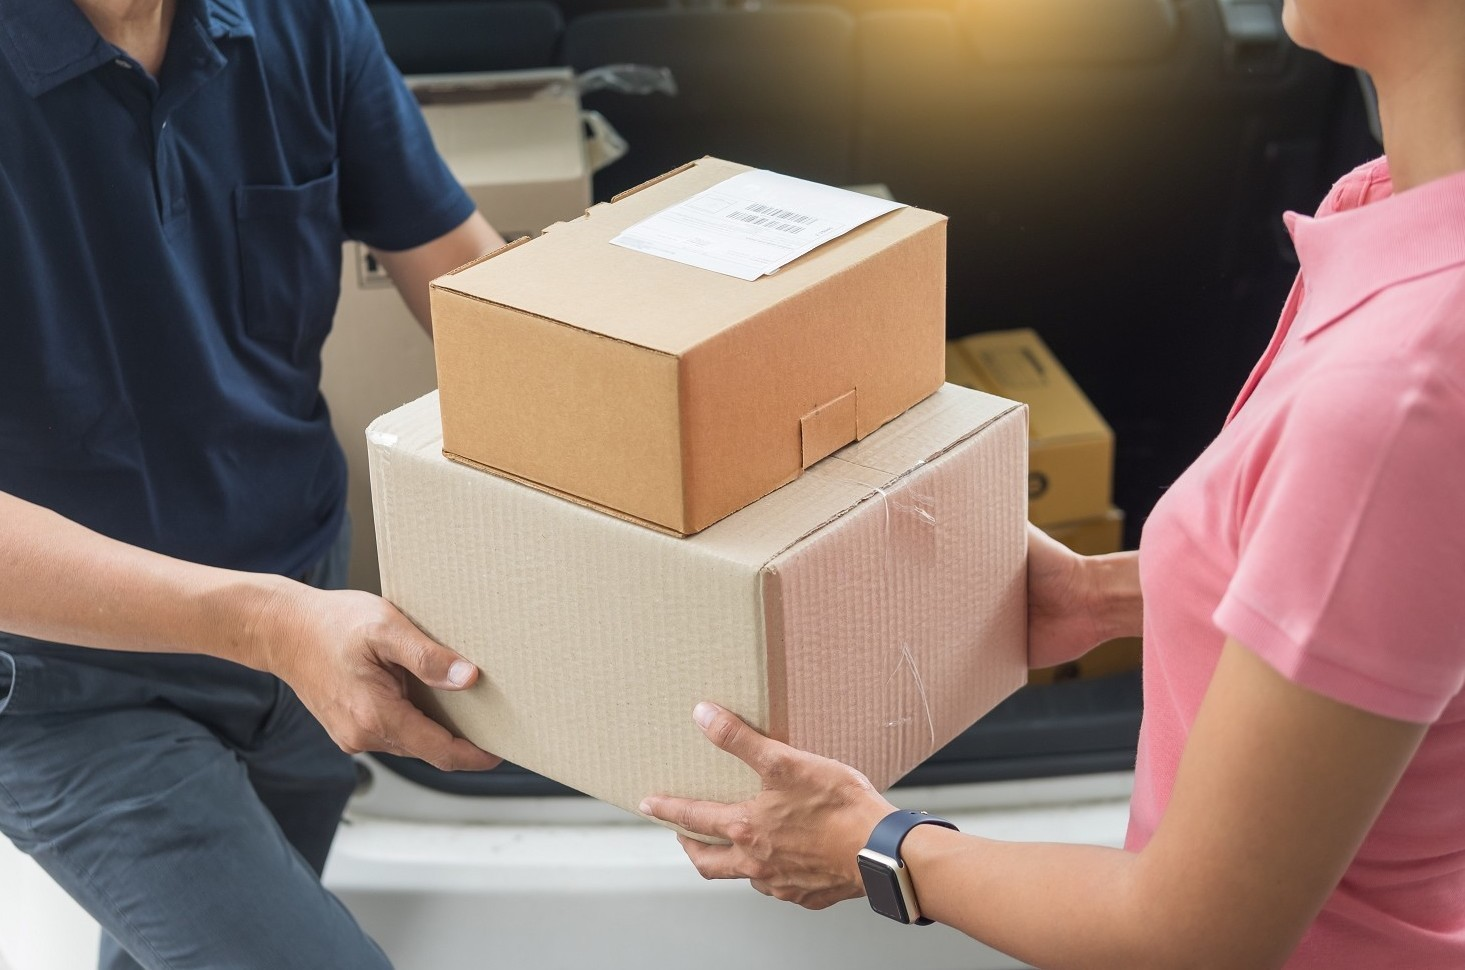 Si può o no controllare un pacco alla consegna prima di pagarlo